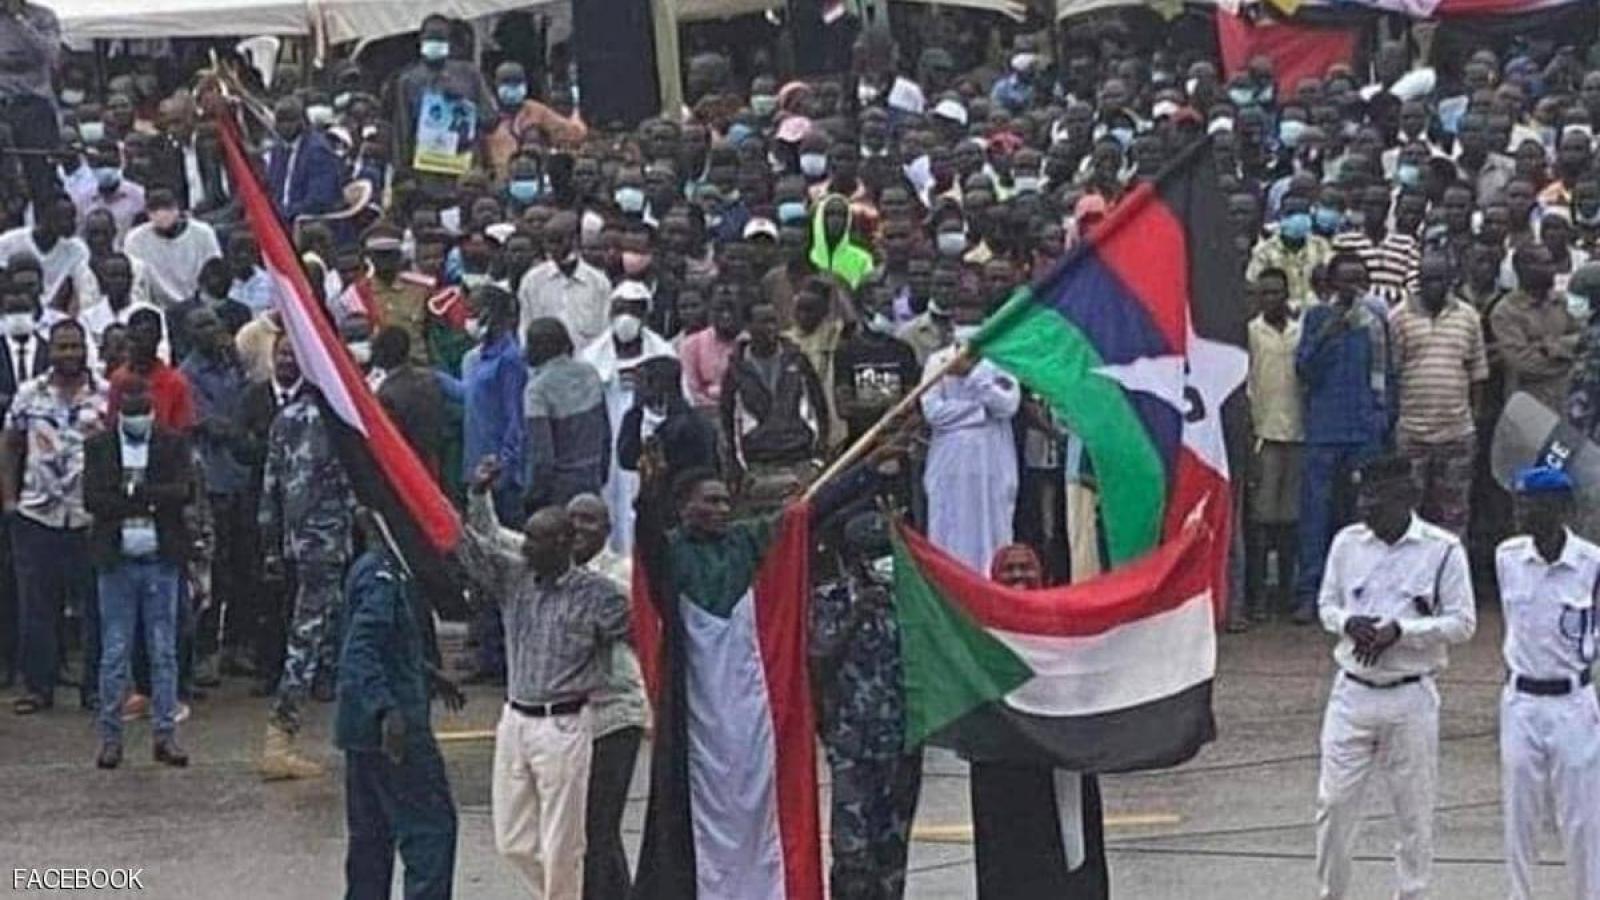 Chủ tịch hội đồng chủ quyền Sudan cam kết không để Sudan quay trở lại chiến tranh